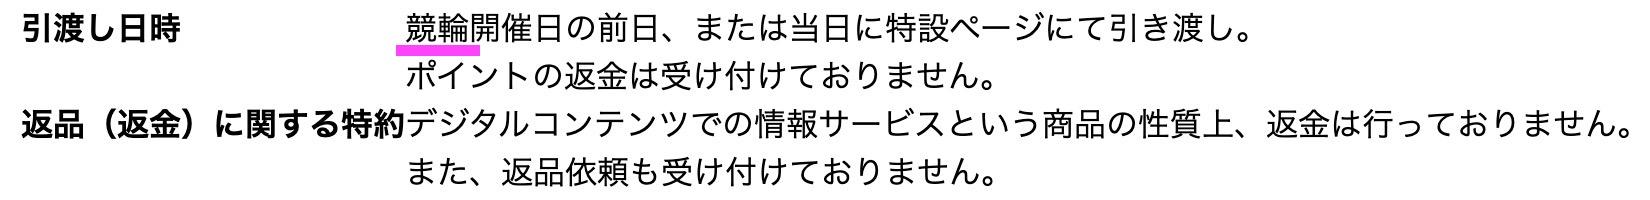 競艇神船(カミフネ)27